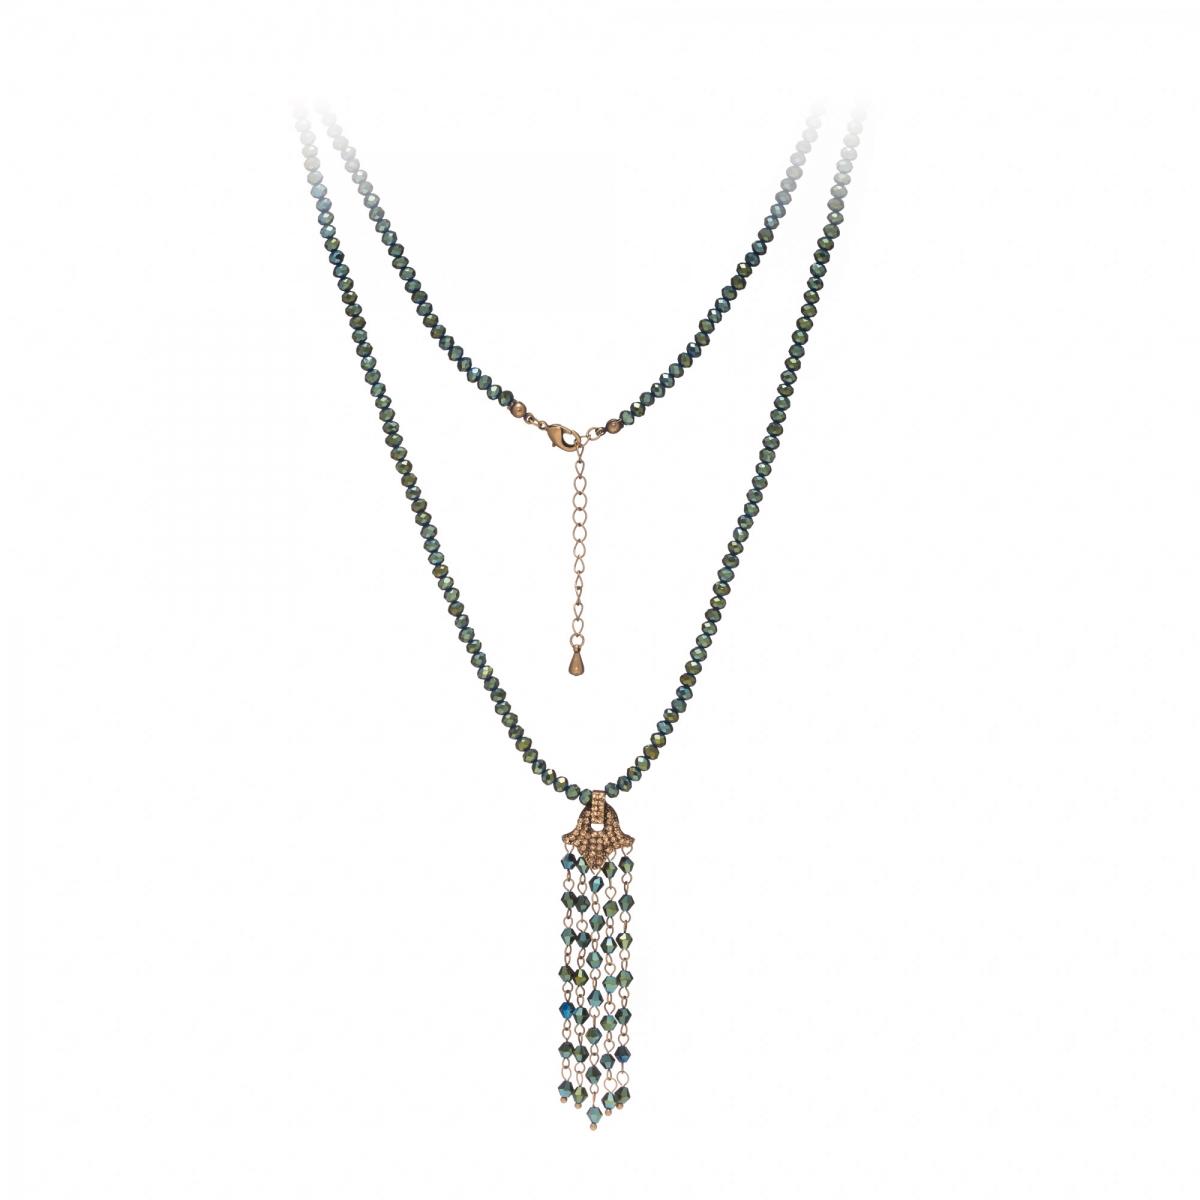 Náhrdelník Jena Green Metal Crystal Beads